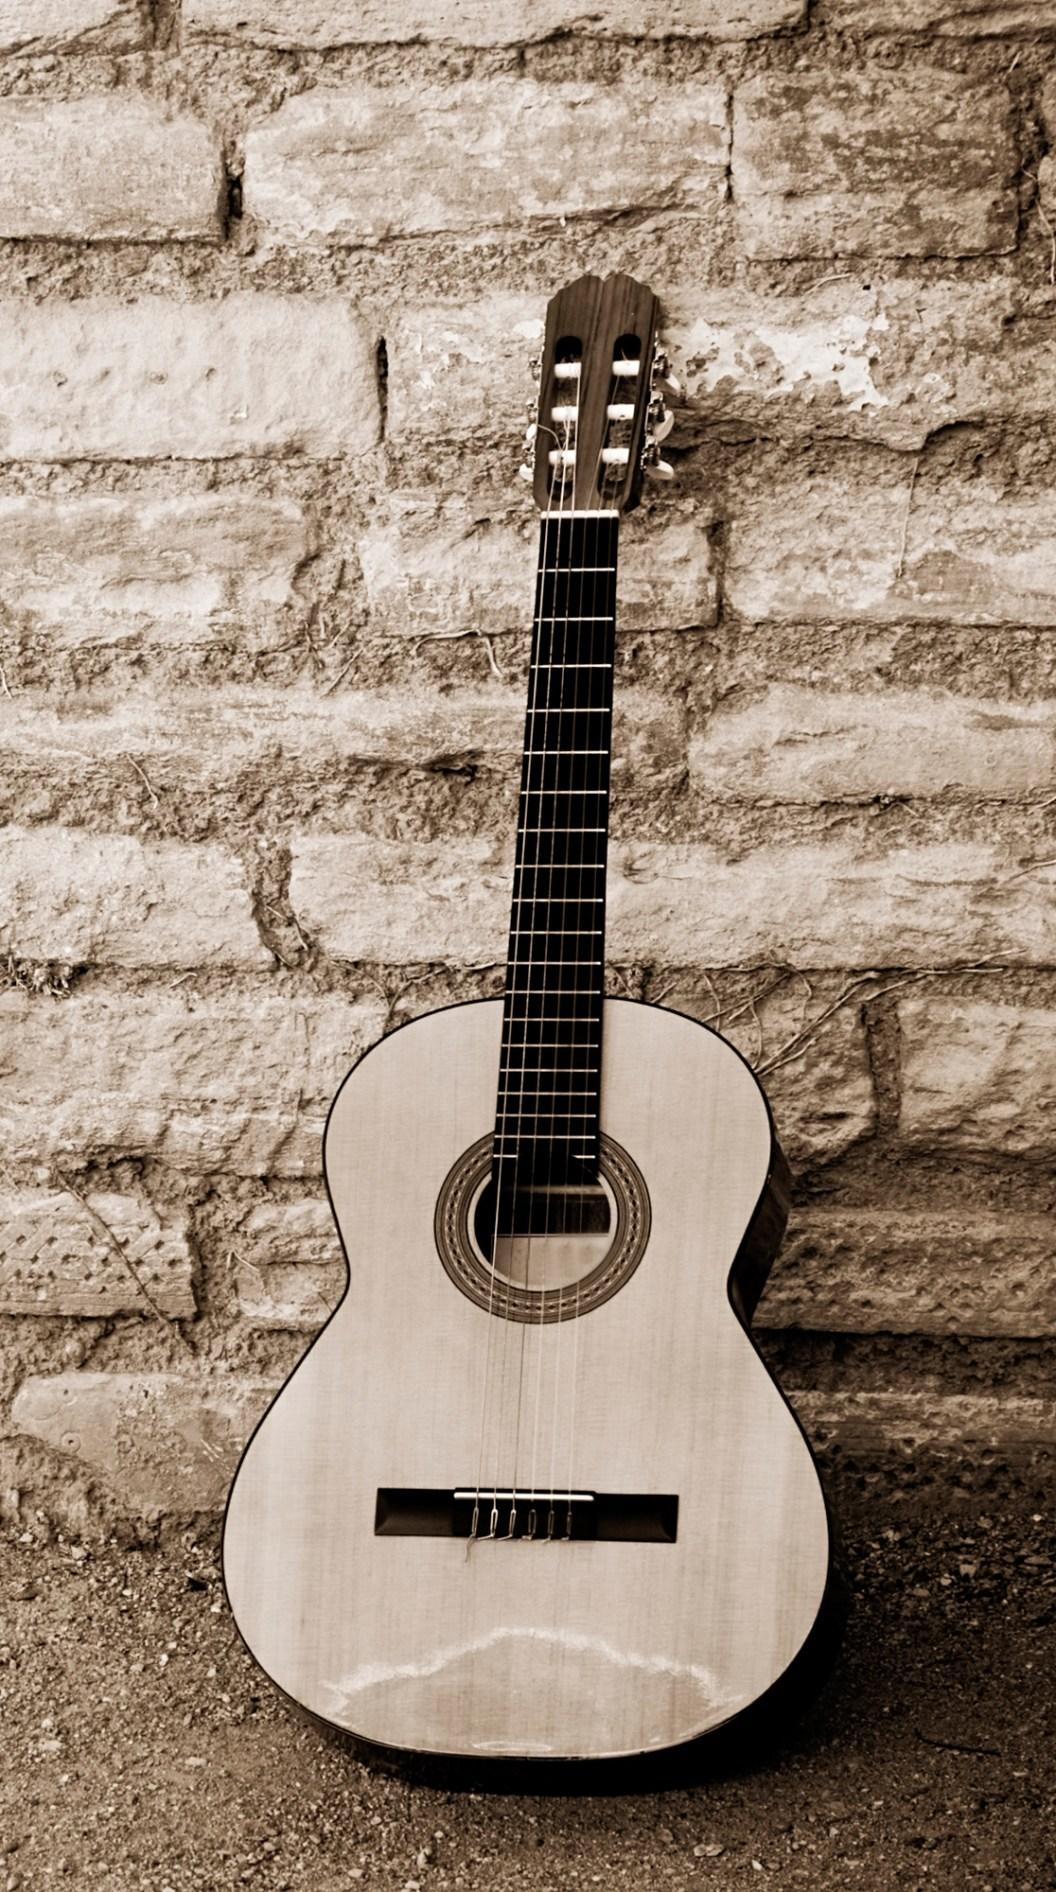 guitar-brick-wall_web.jpg